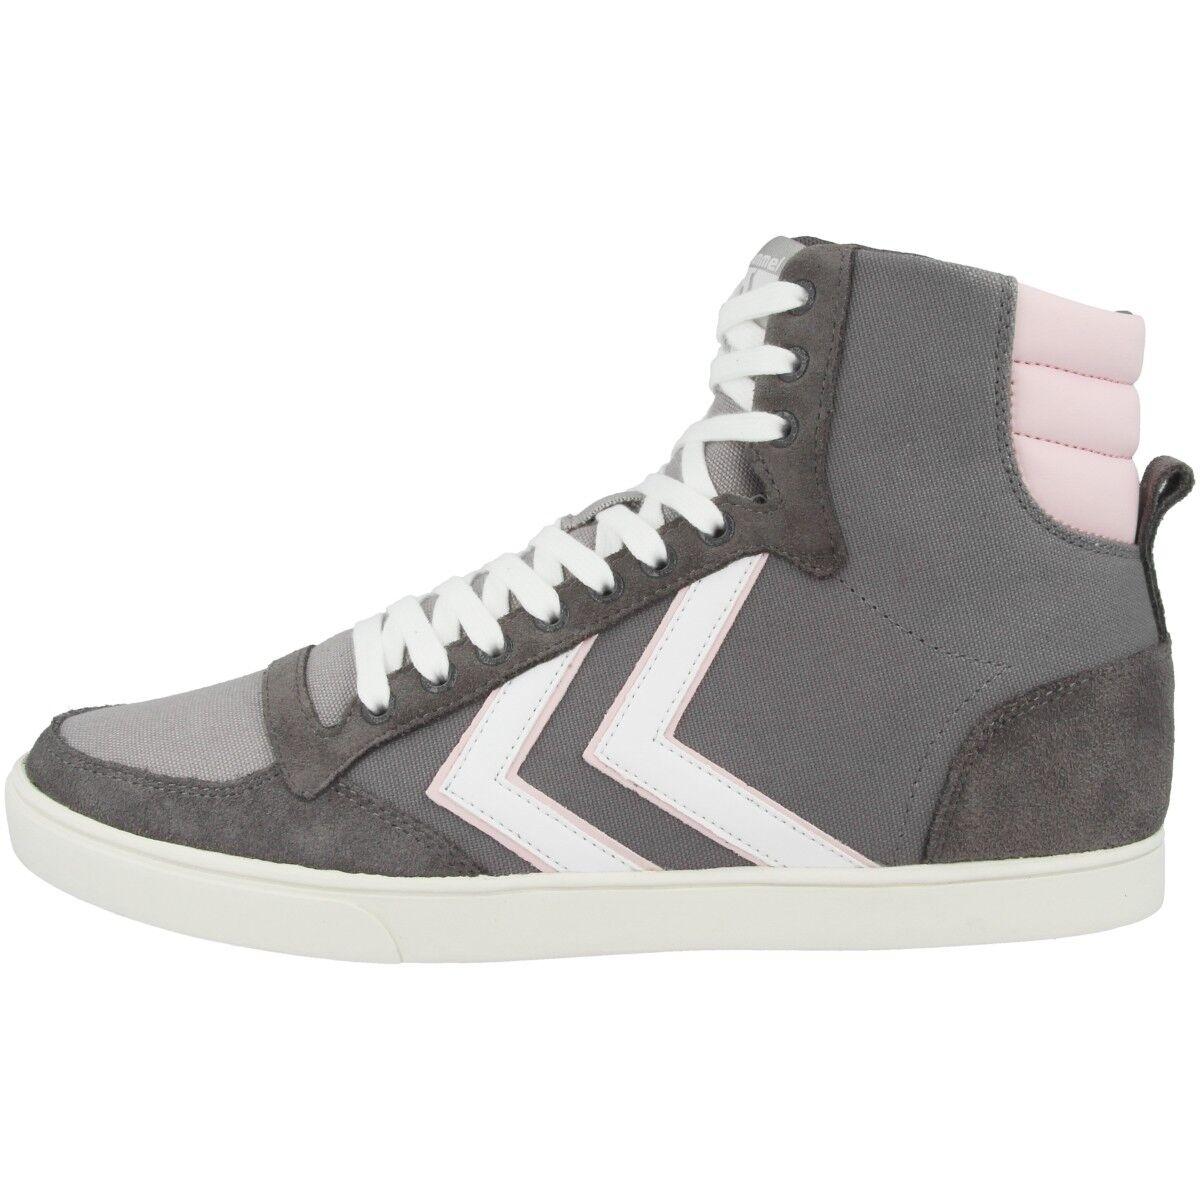 Hummel Slimmer Stadil High zapatos Hi Top zapatilla de deporte Casual zapatillas 203-372-2600